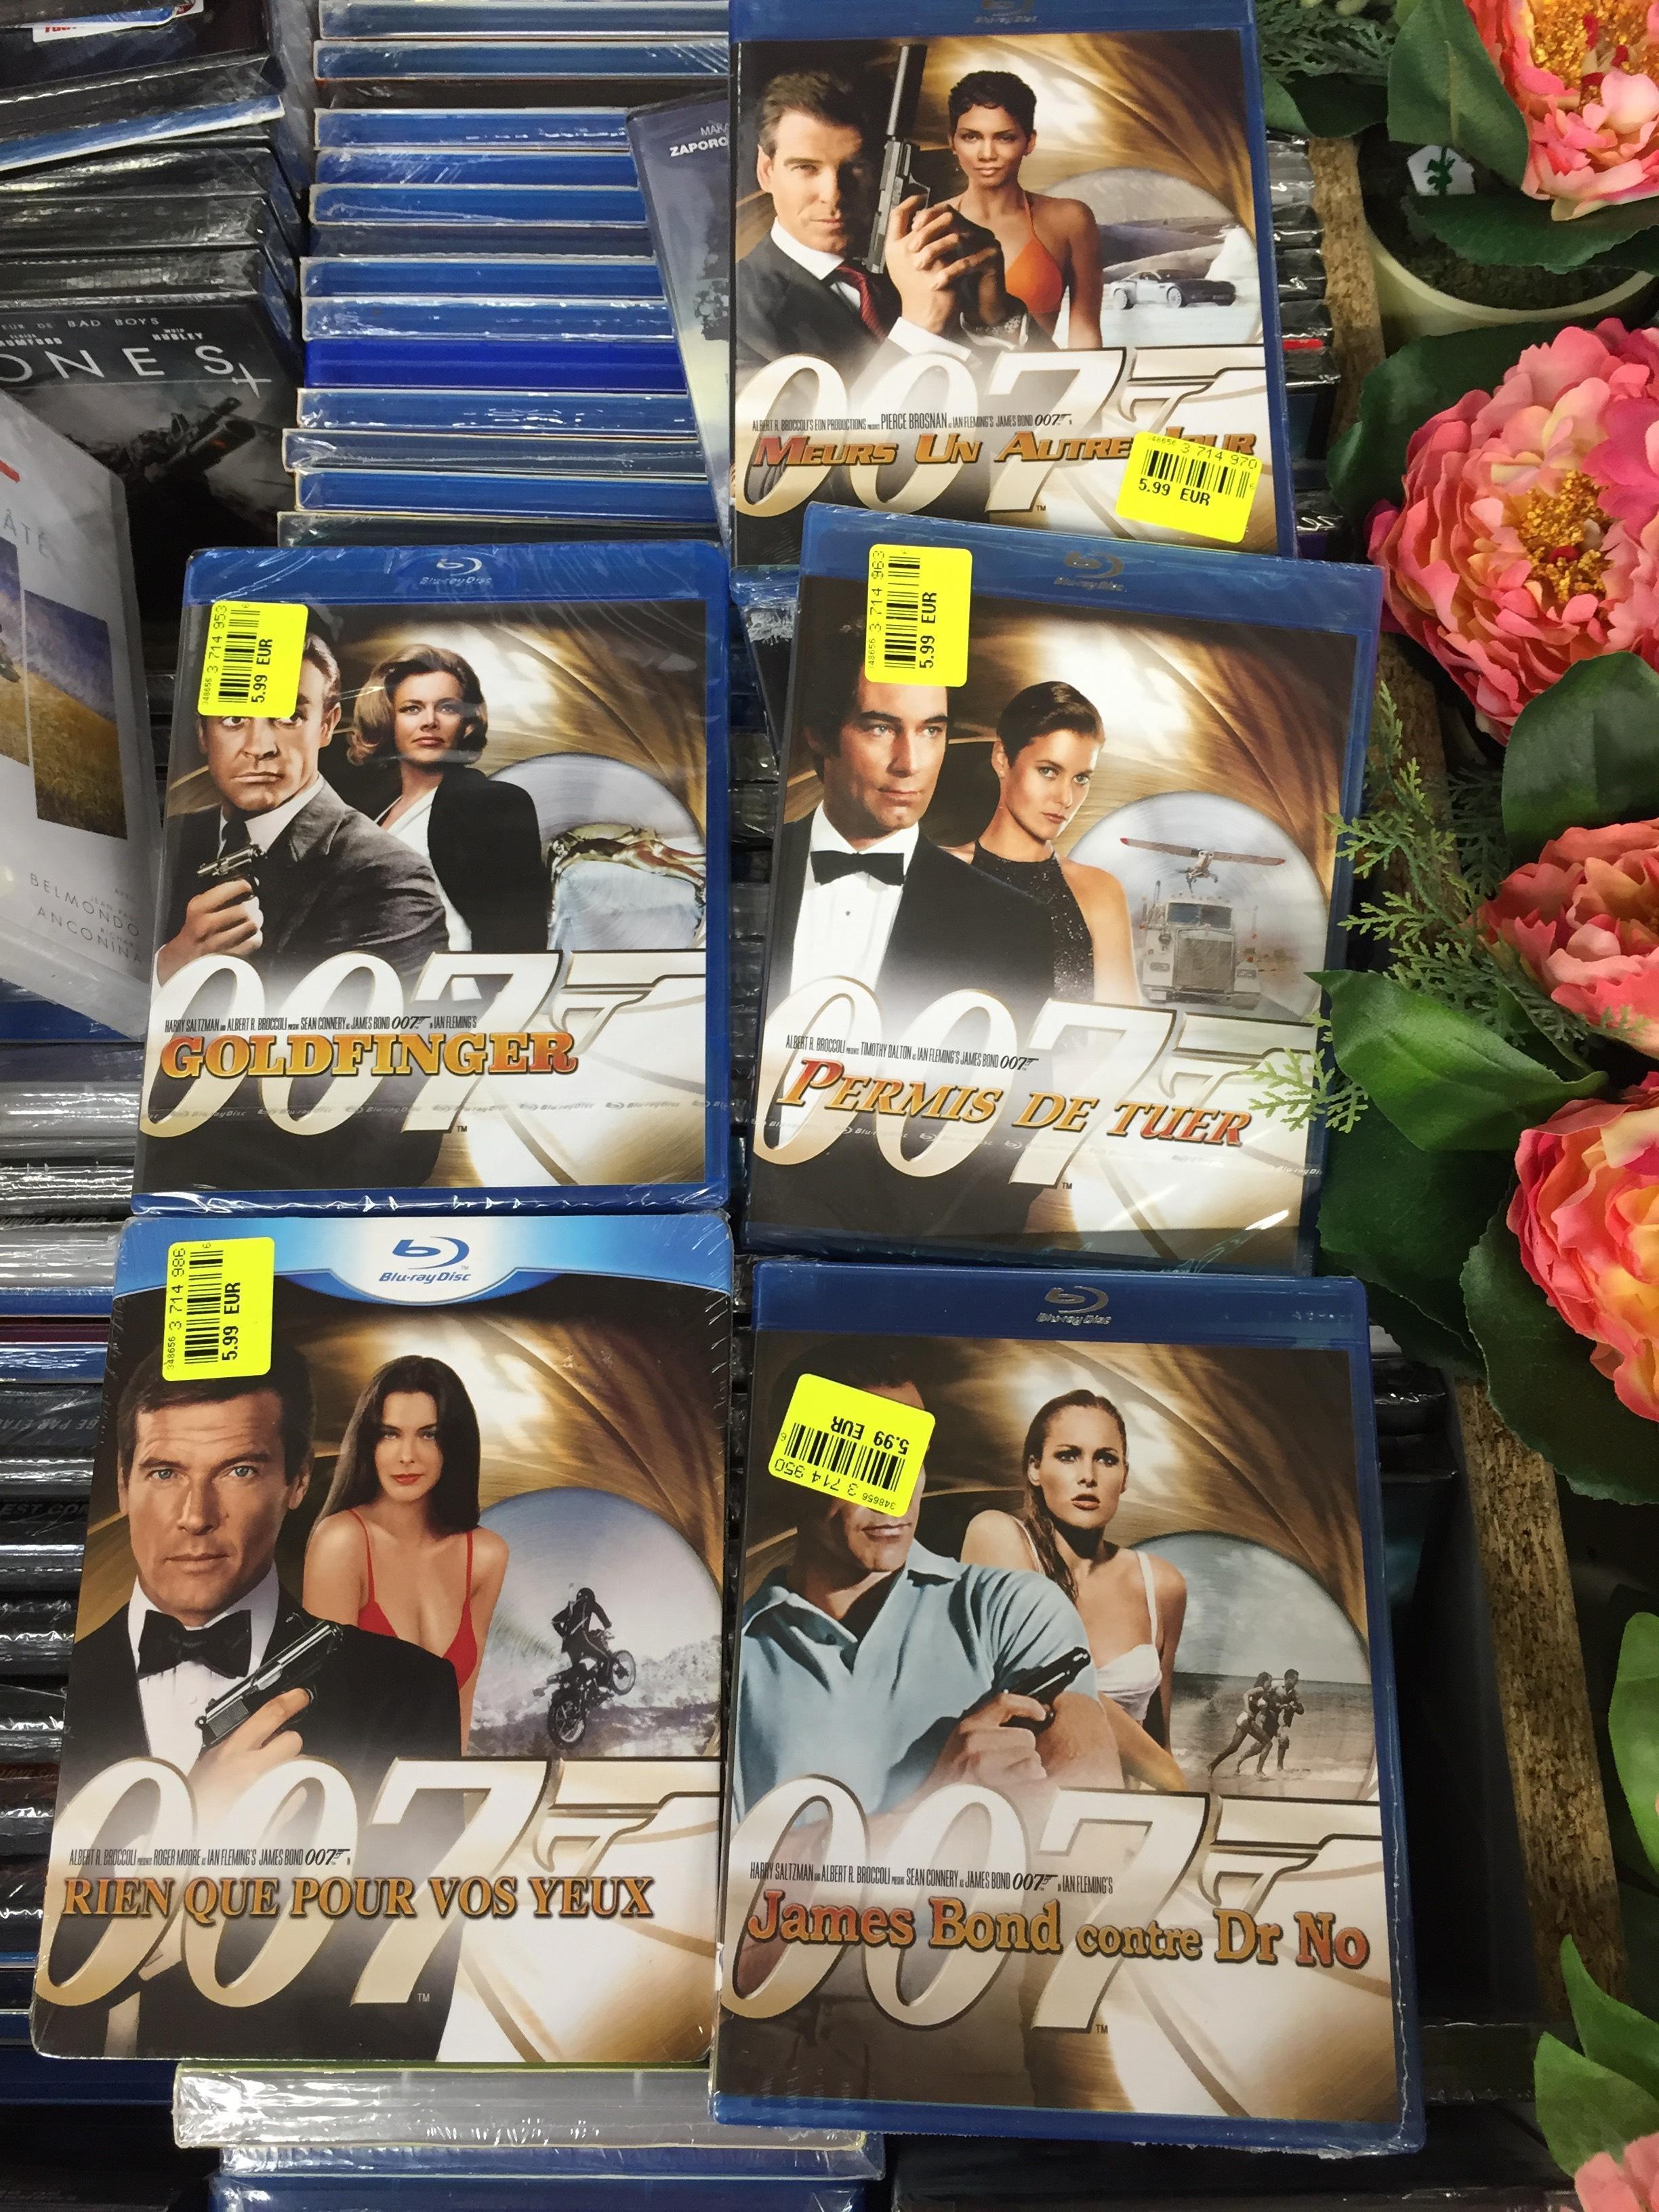 Sélection de blu-ray James Bond